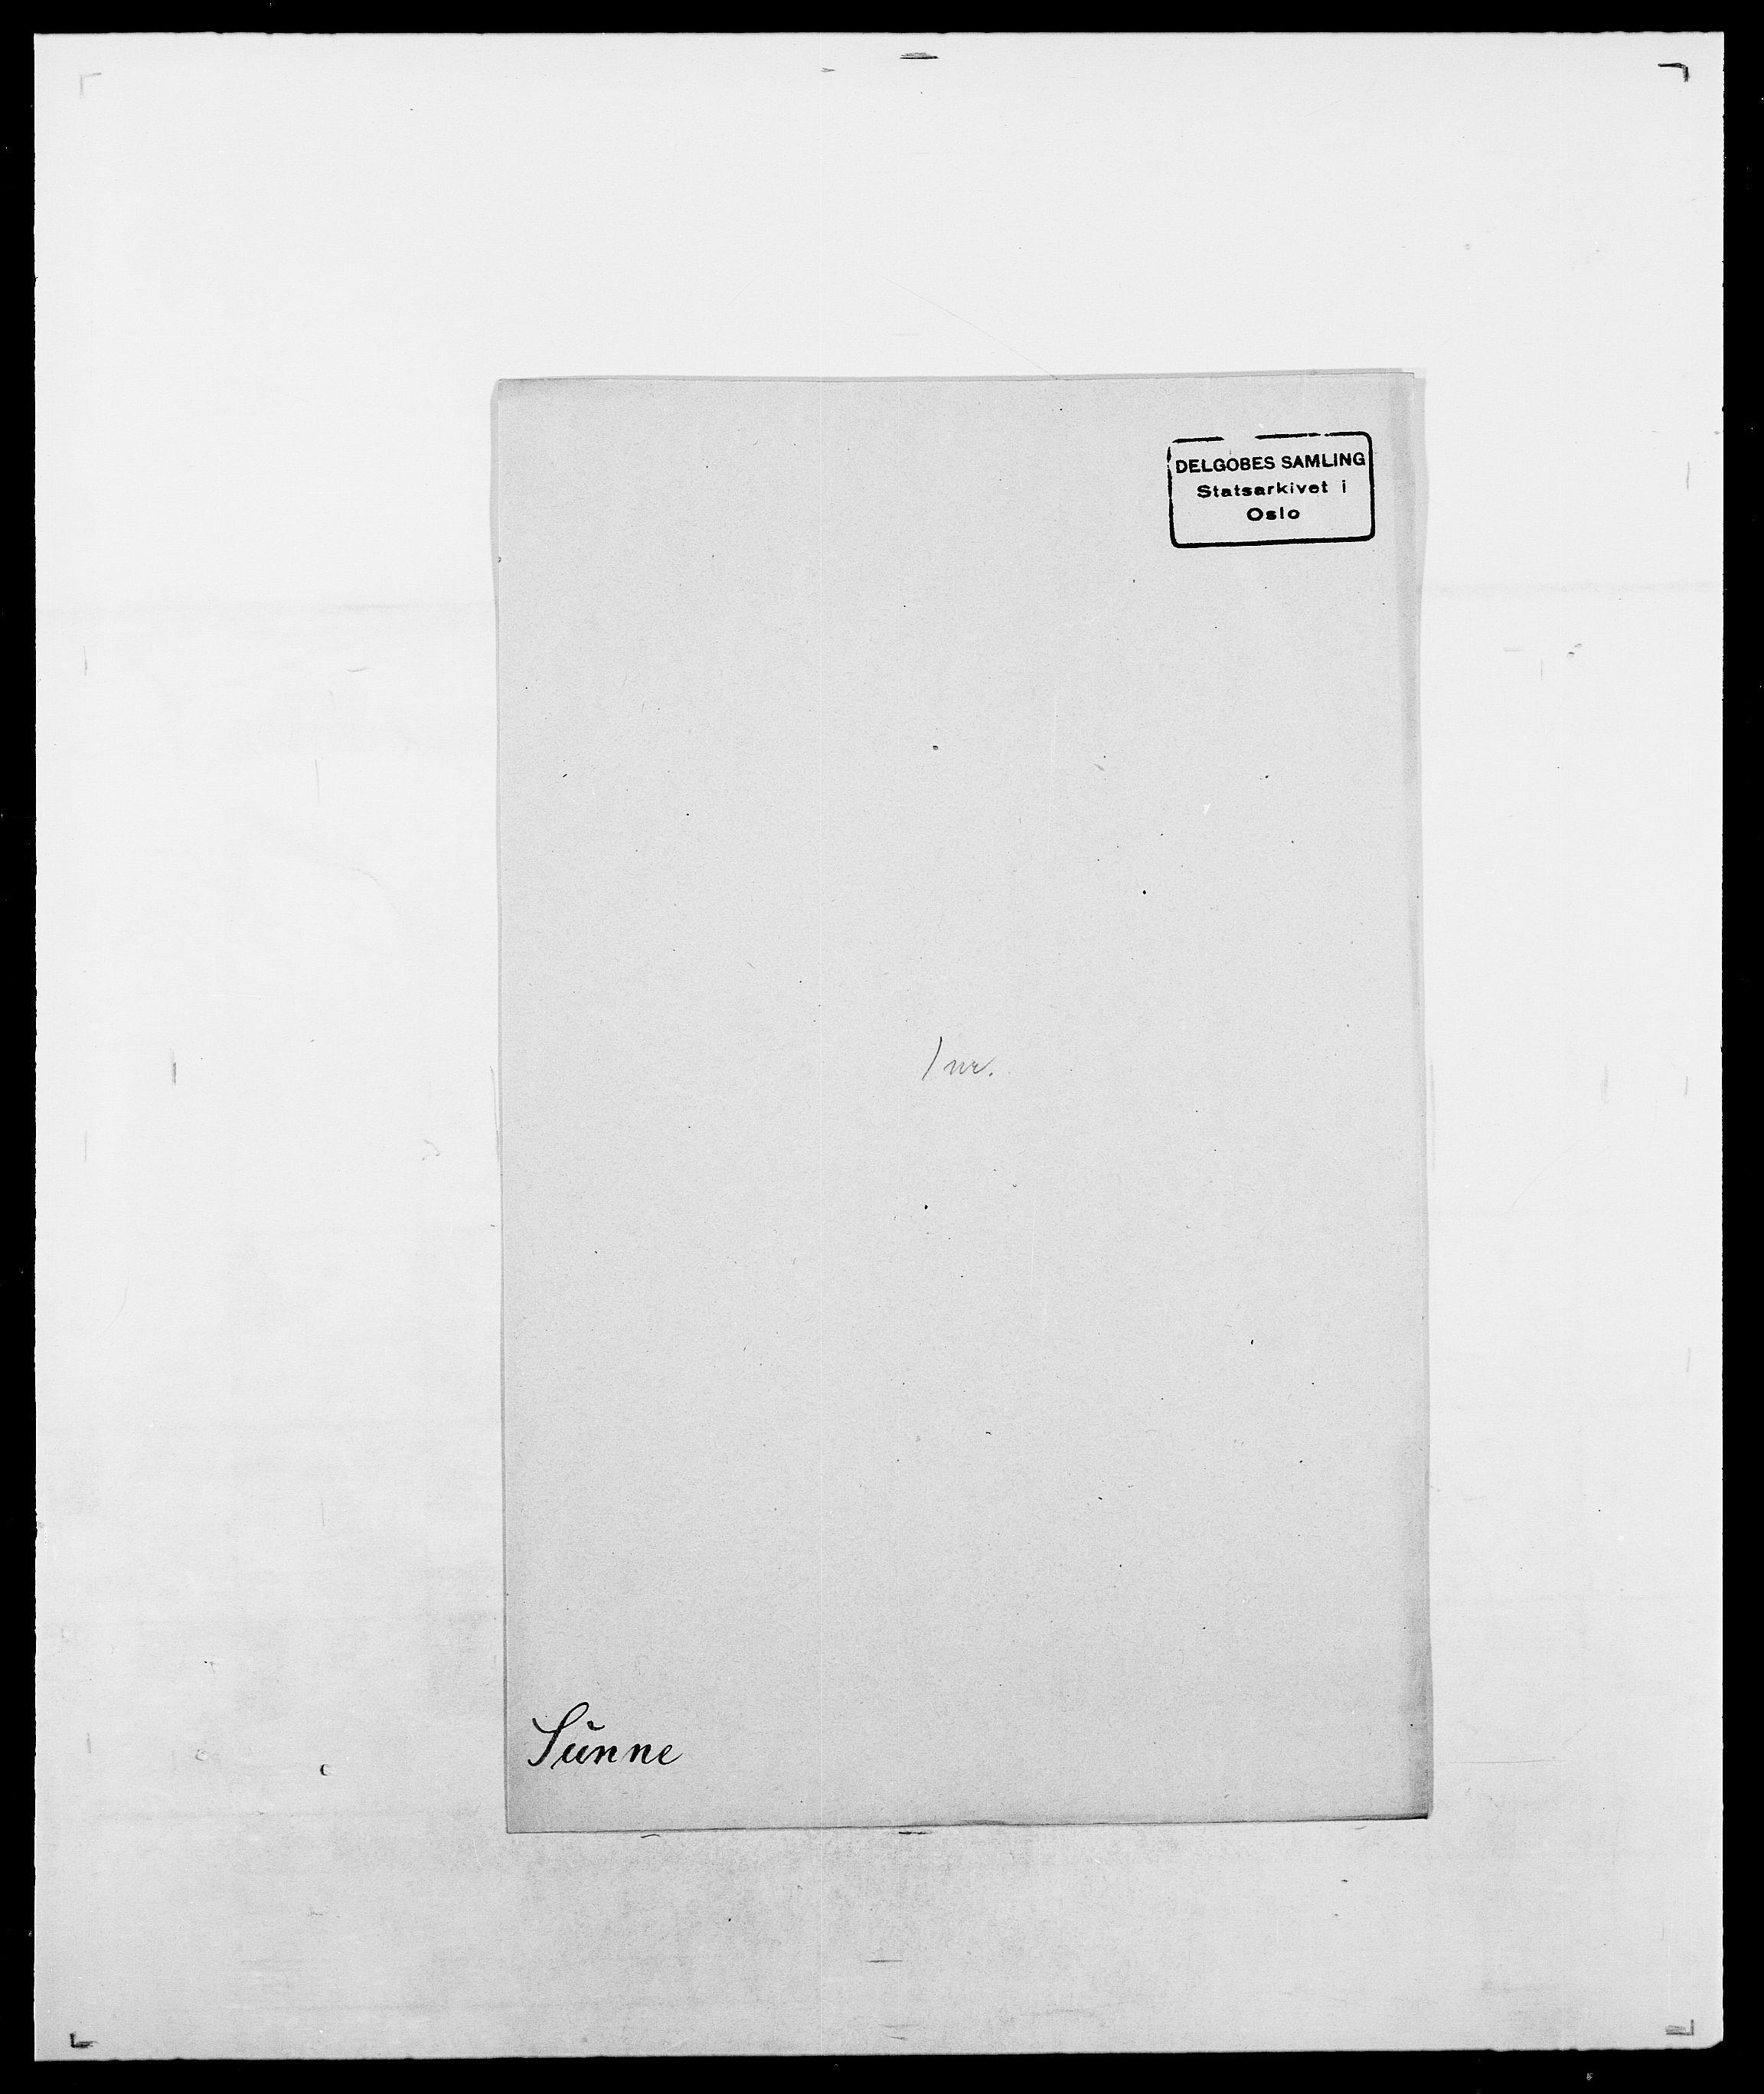 SAO, Delgobe, Charles Antoine - samling, D/Da/L0037: Steen, Sthen, Stein - Svare, Svanige, Svanne, se også Svanning og Schwane, s. 954